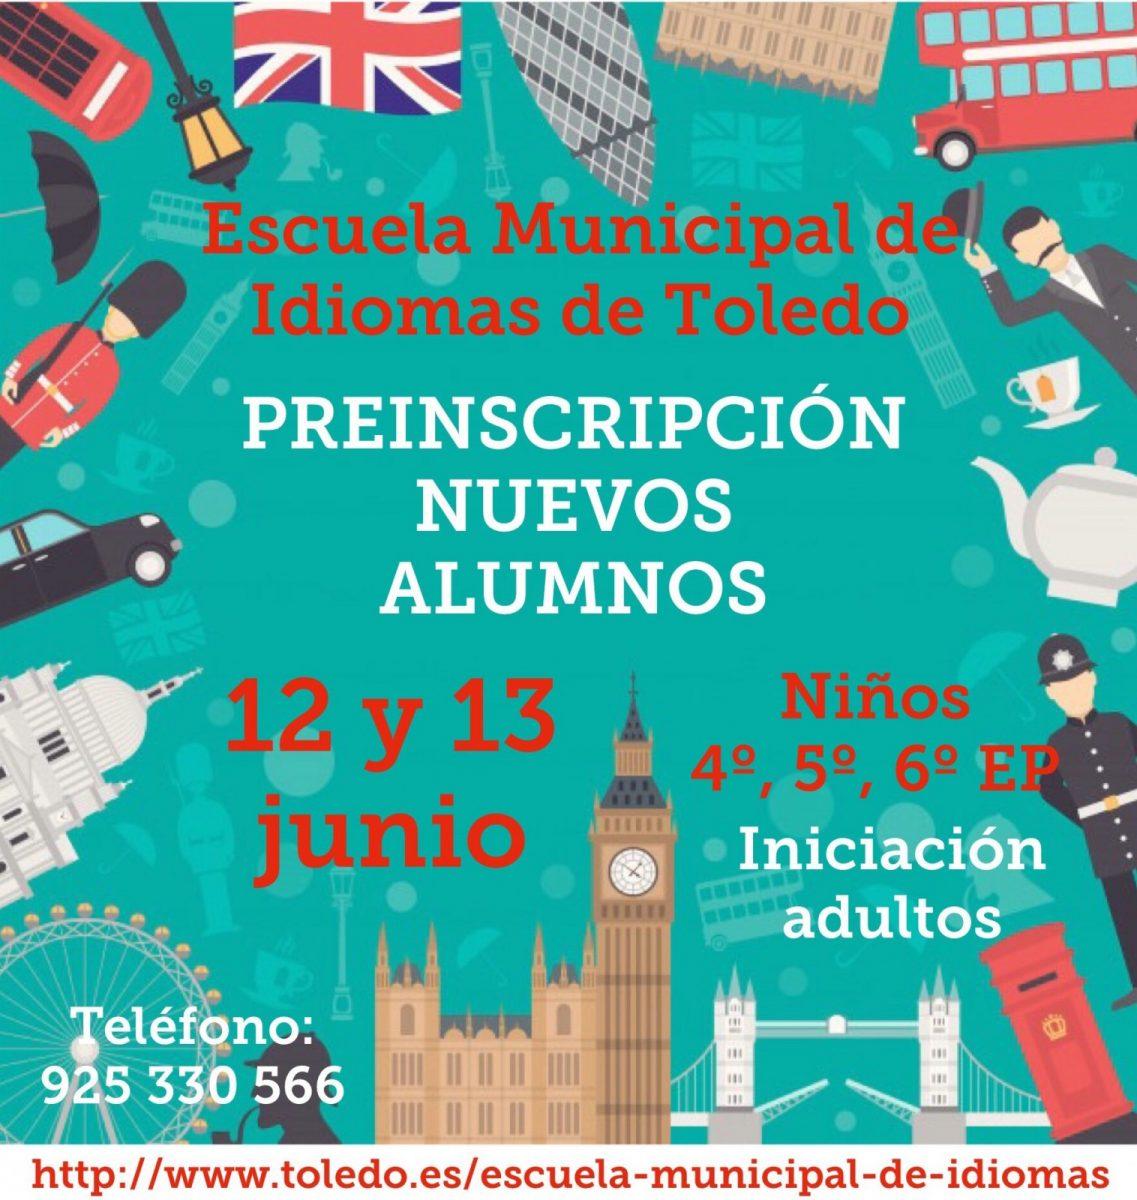 http://www.toledo.es/wp-content/uploads/2019/05/img_3030-1137x1200.jpg. Escuela de Idiomas. Preinscripciones y matrículas: alumnos de nuevo ingreso